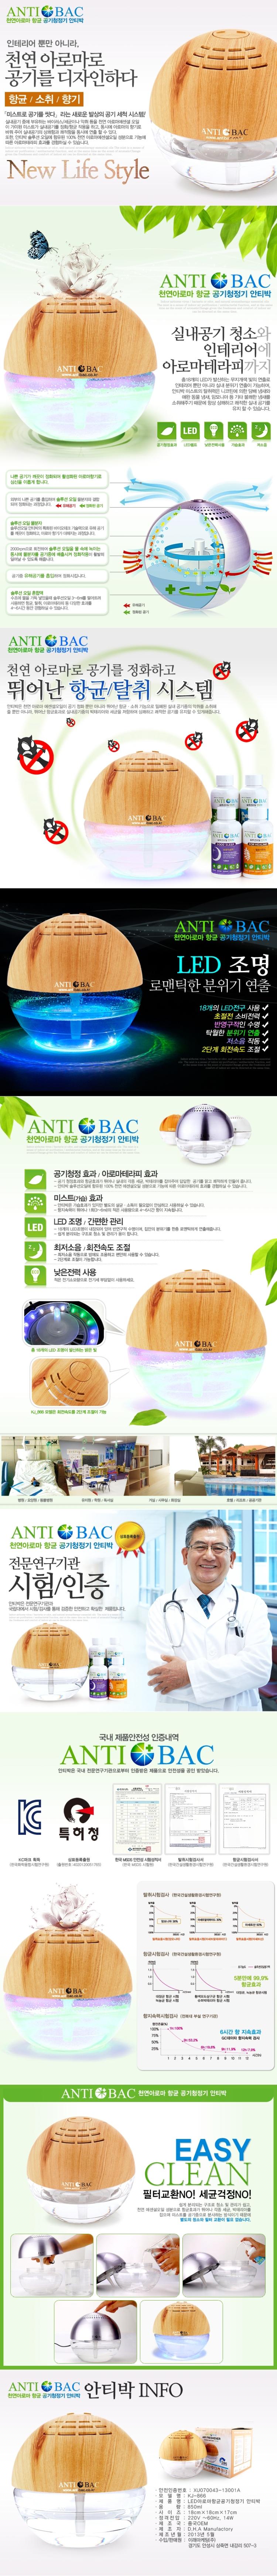 [ERE안티박]LED 아로마 향균가습 공기청정기 850ml kj866우드칼라/솔루션오일뵀 상세사진